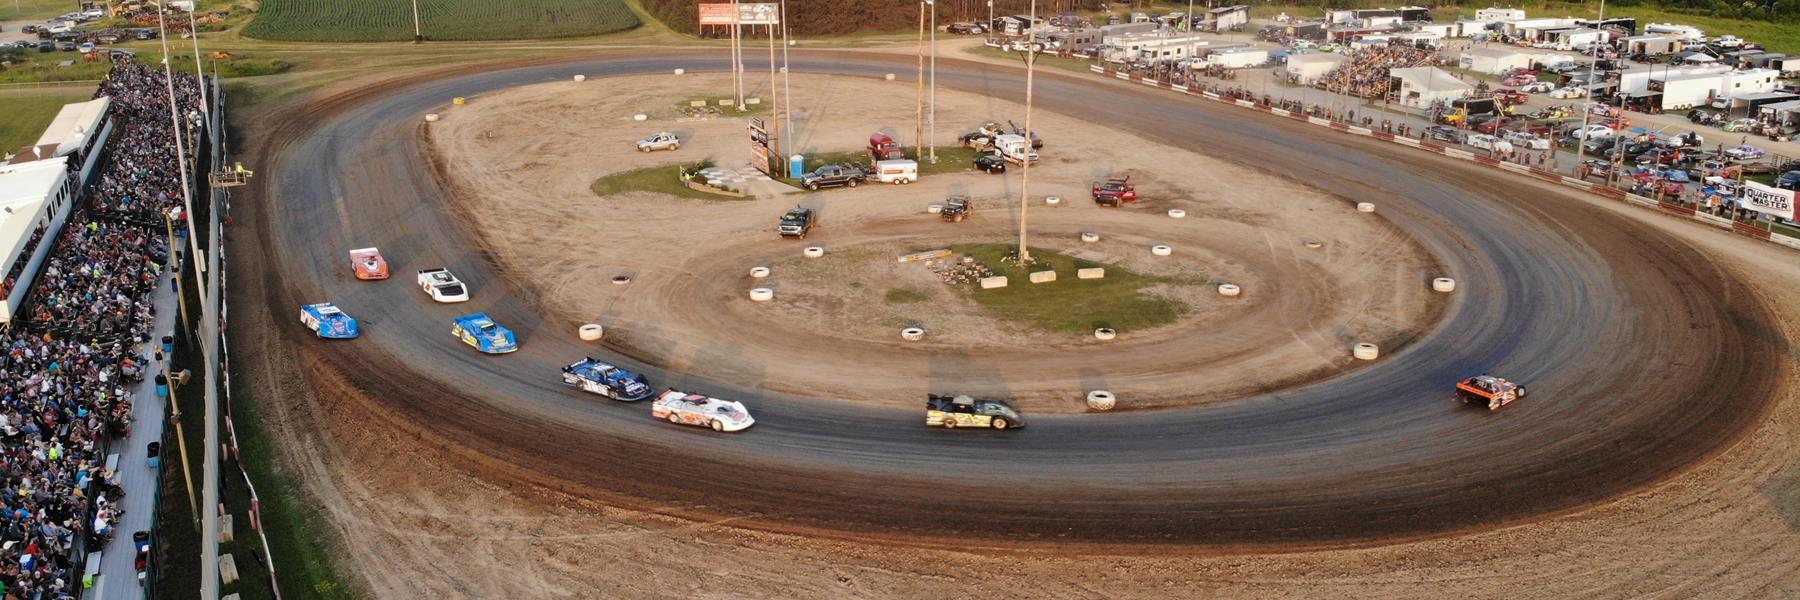 9/11/2021 - Merritt Speedway